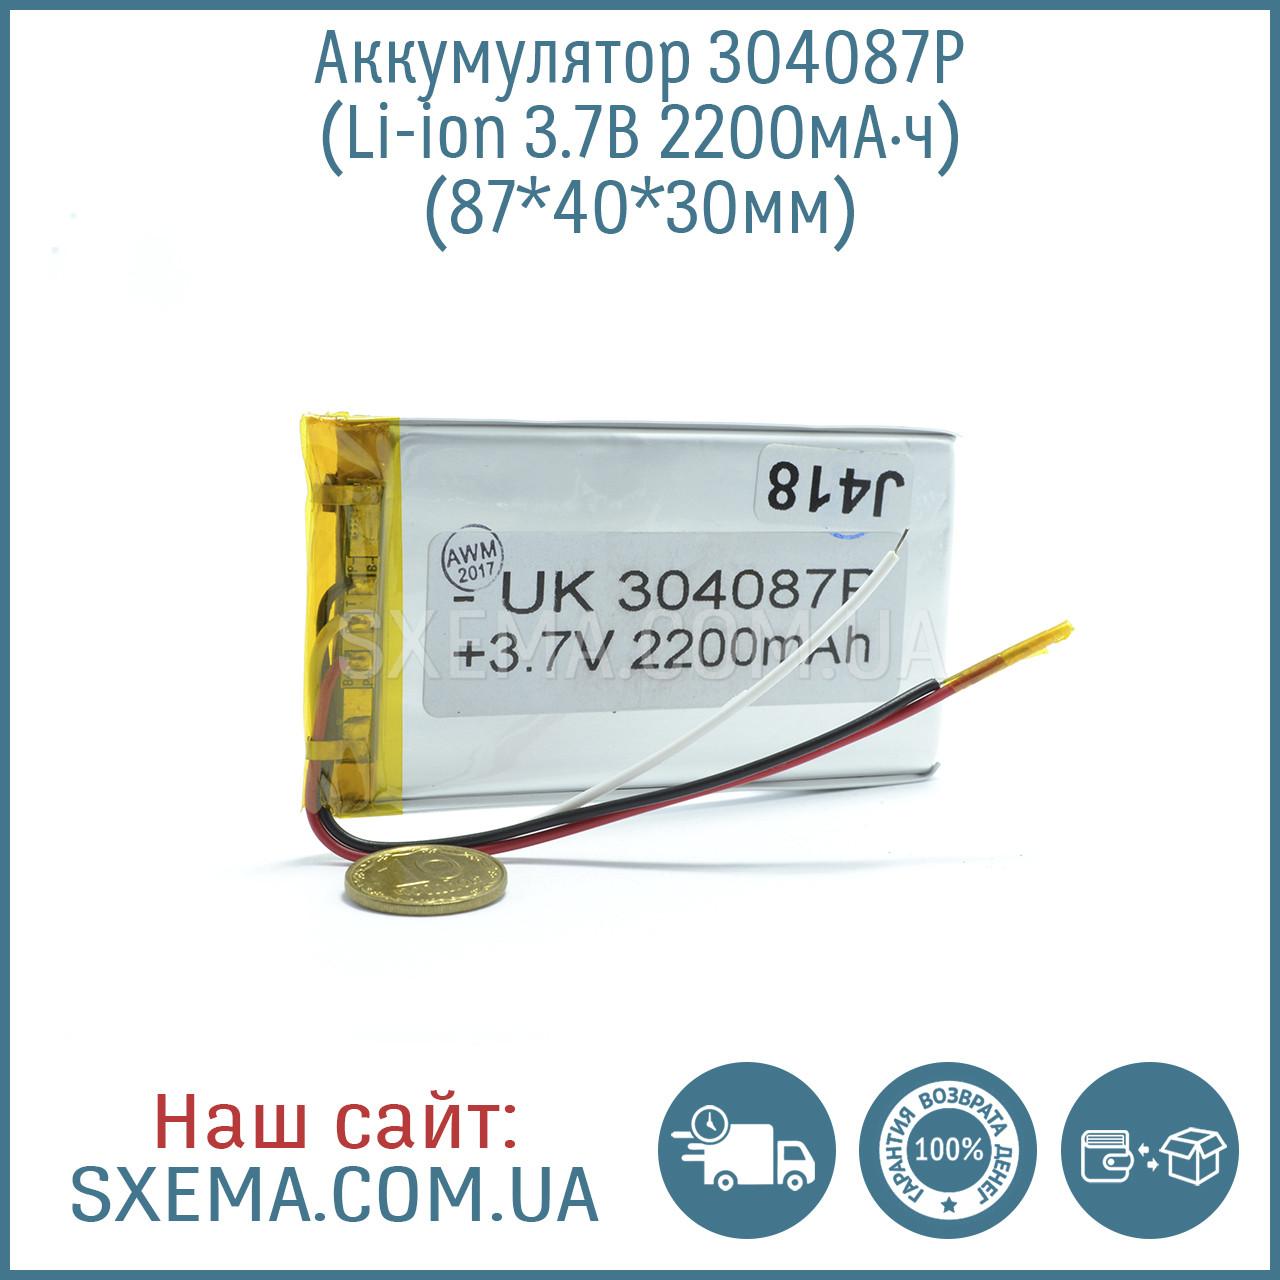 Аккумулятор универсальный 304087 (Li-ion 3.7В 2200мА·ч), (87*40*3 мм)